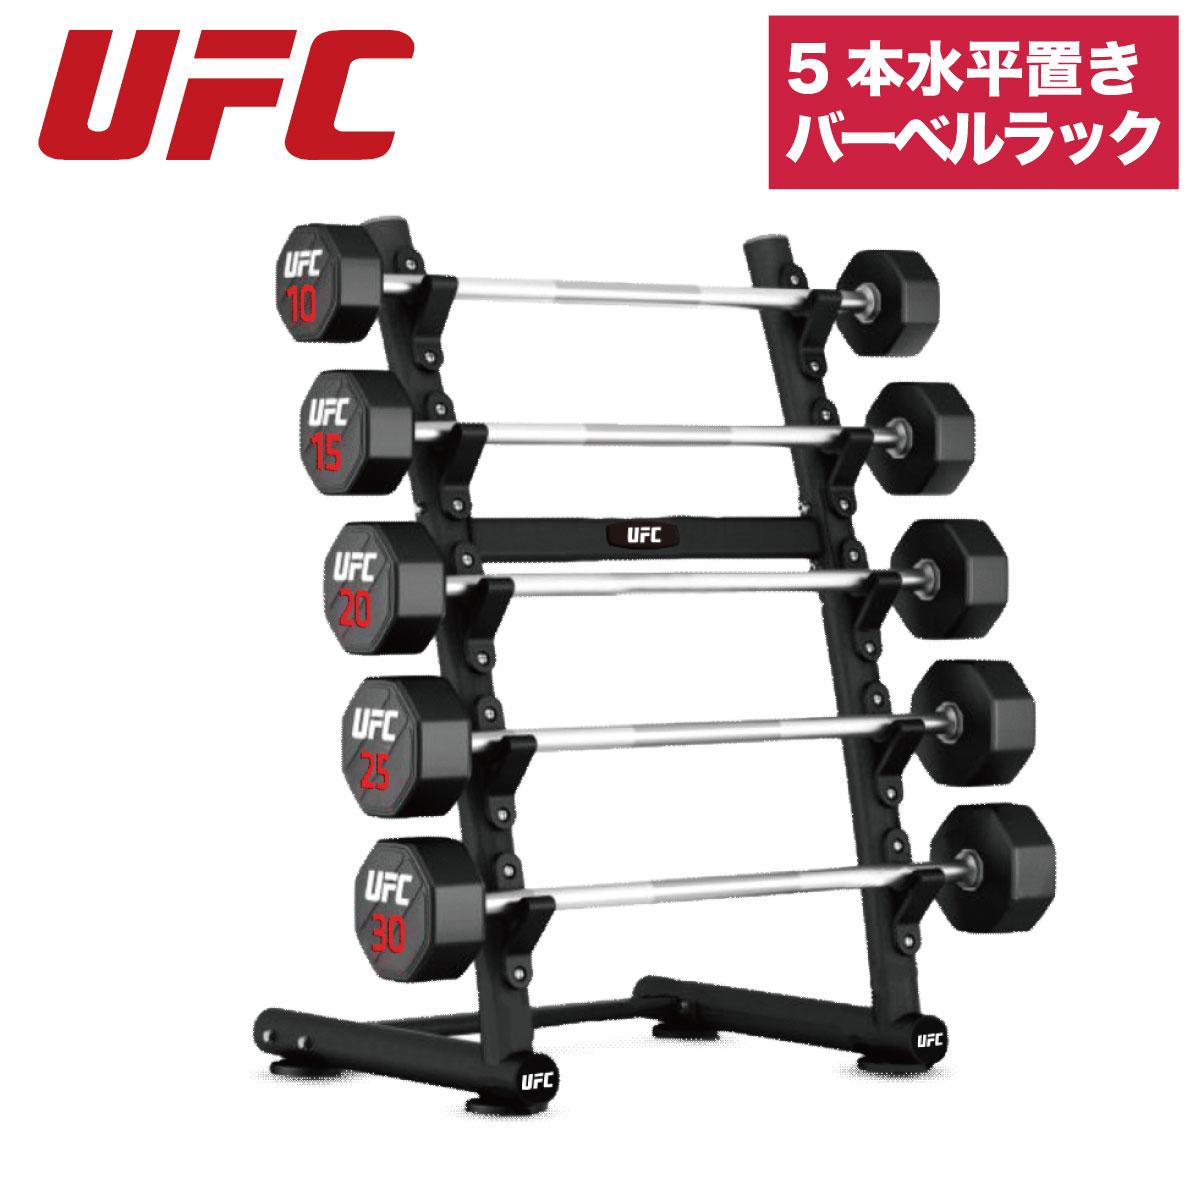 バーベルラック/バーベルホルダー5本収納(UFC-VL05-5109)〈業務用〉《総合格闘技UFCオフィシャル》